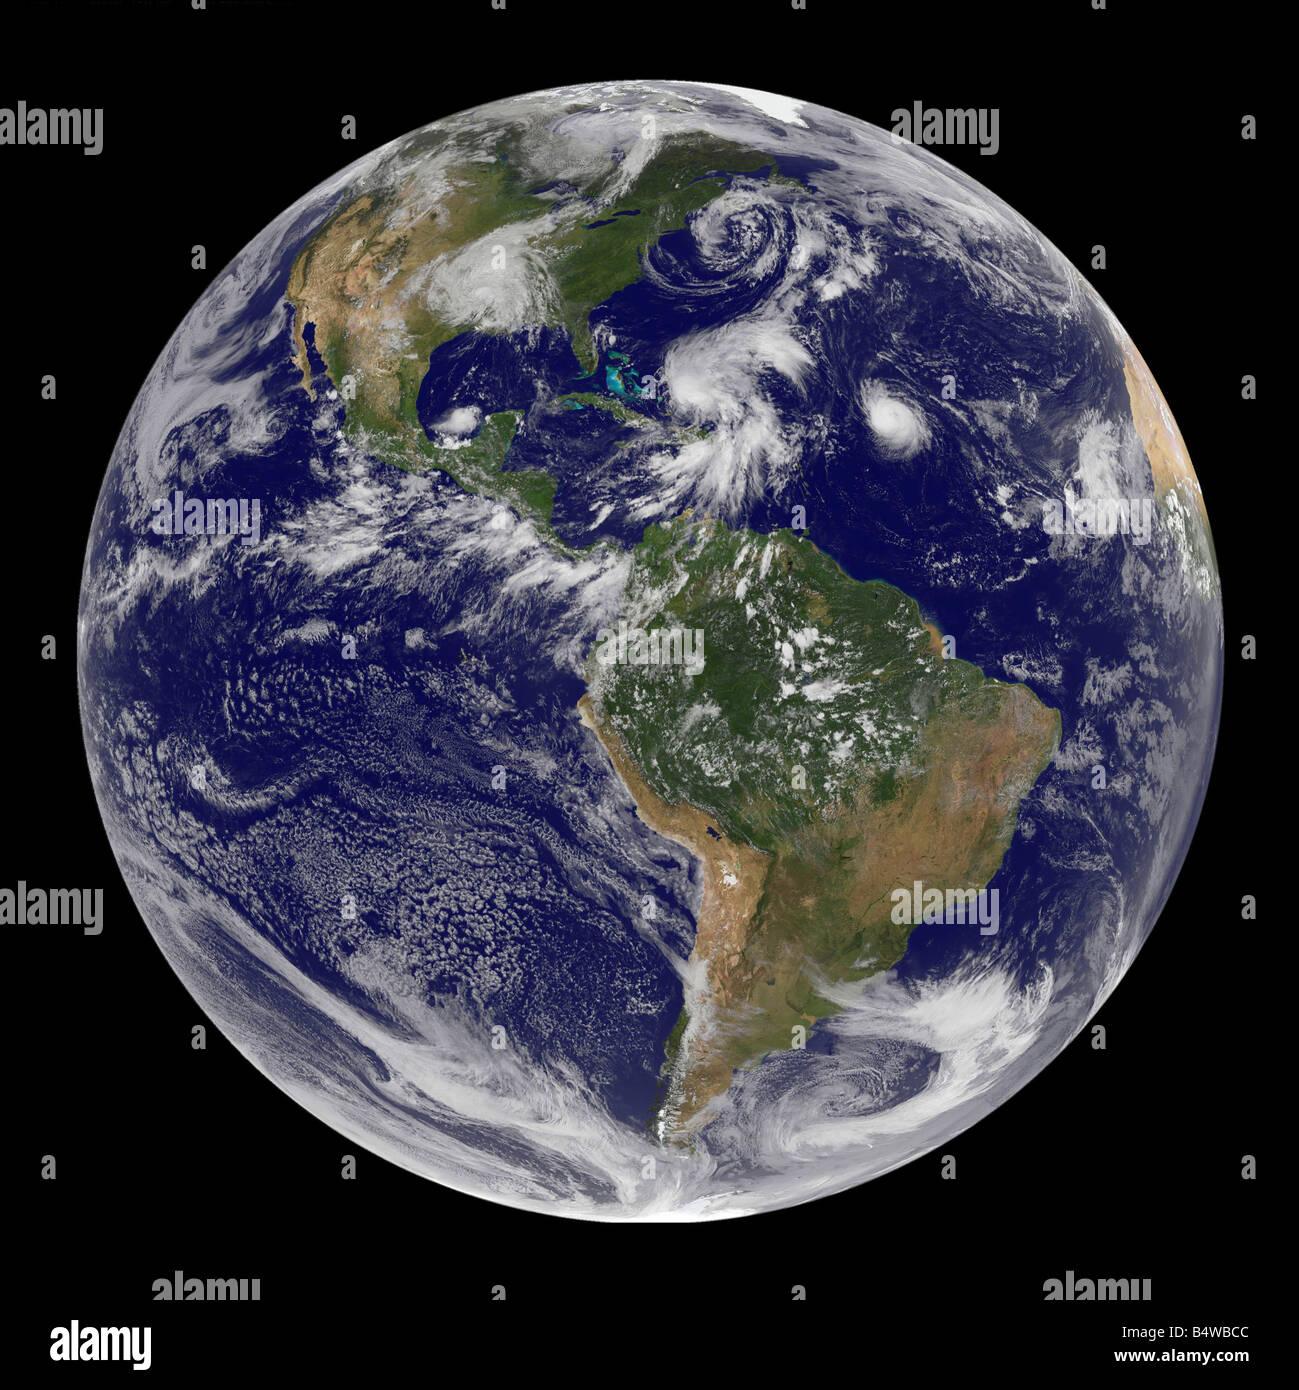 Vista satélite compuesto de muchos huracanes en globo Imagen De Stock